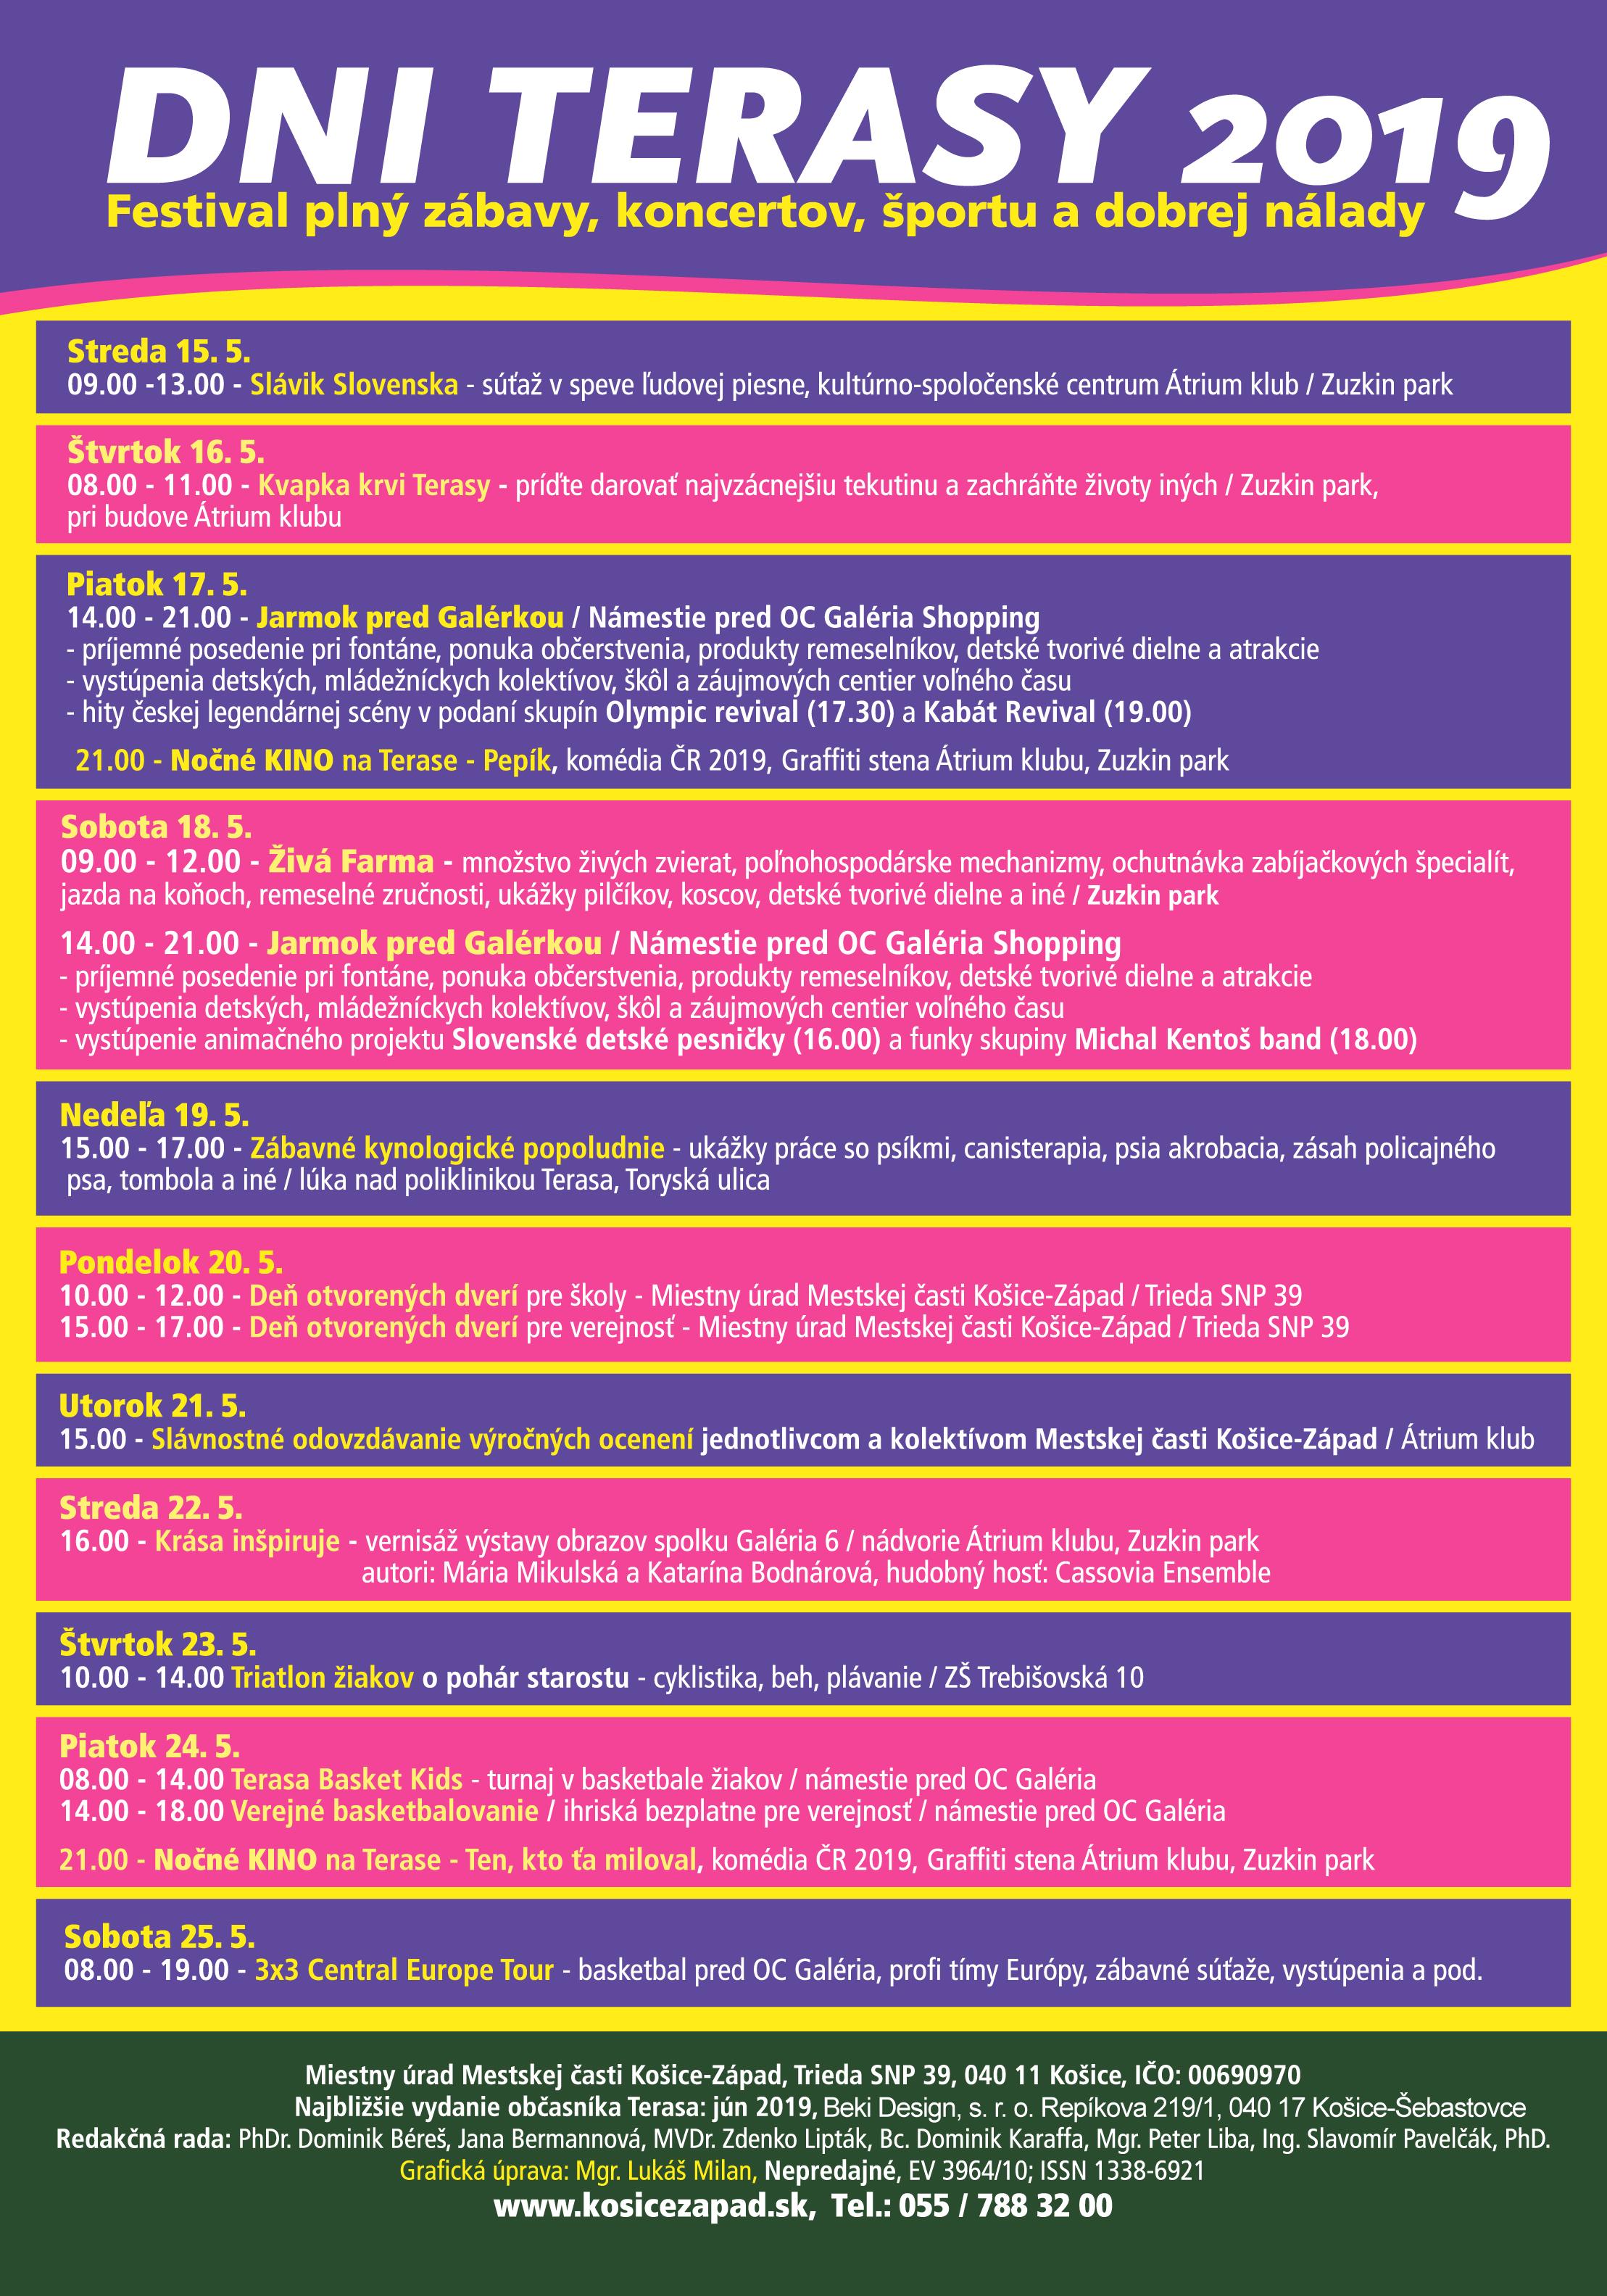 30201b24d Kompletný program festivalus viac než desiatkou akcií si môžete nájsť na  www.kosicezapad.sk v sekcii Dni Terasy 2019 a denne aktualizované  informáciena FB: ...